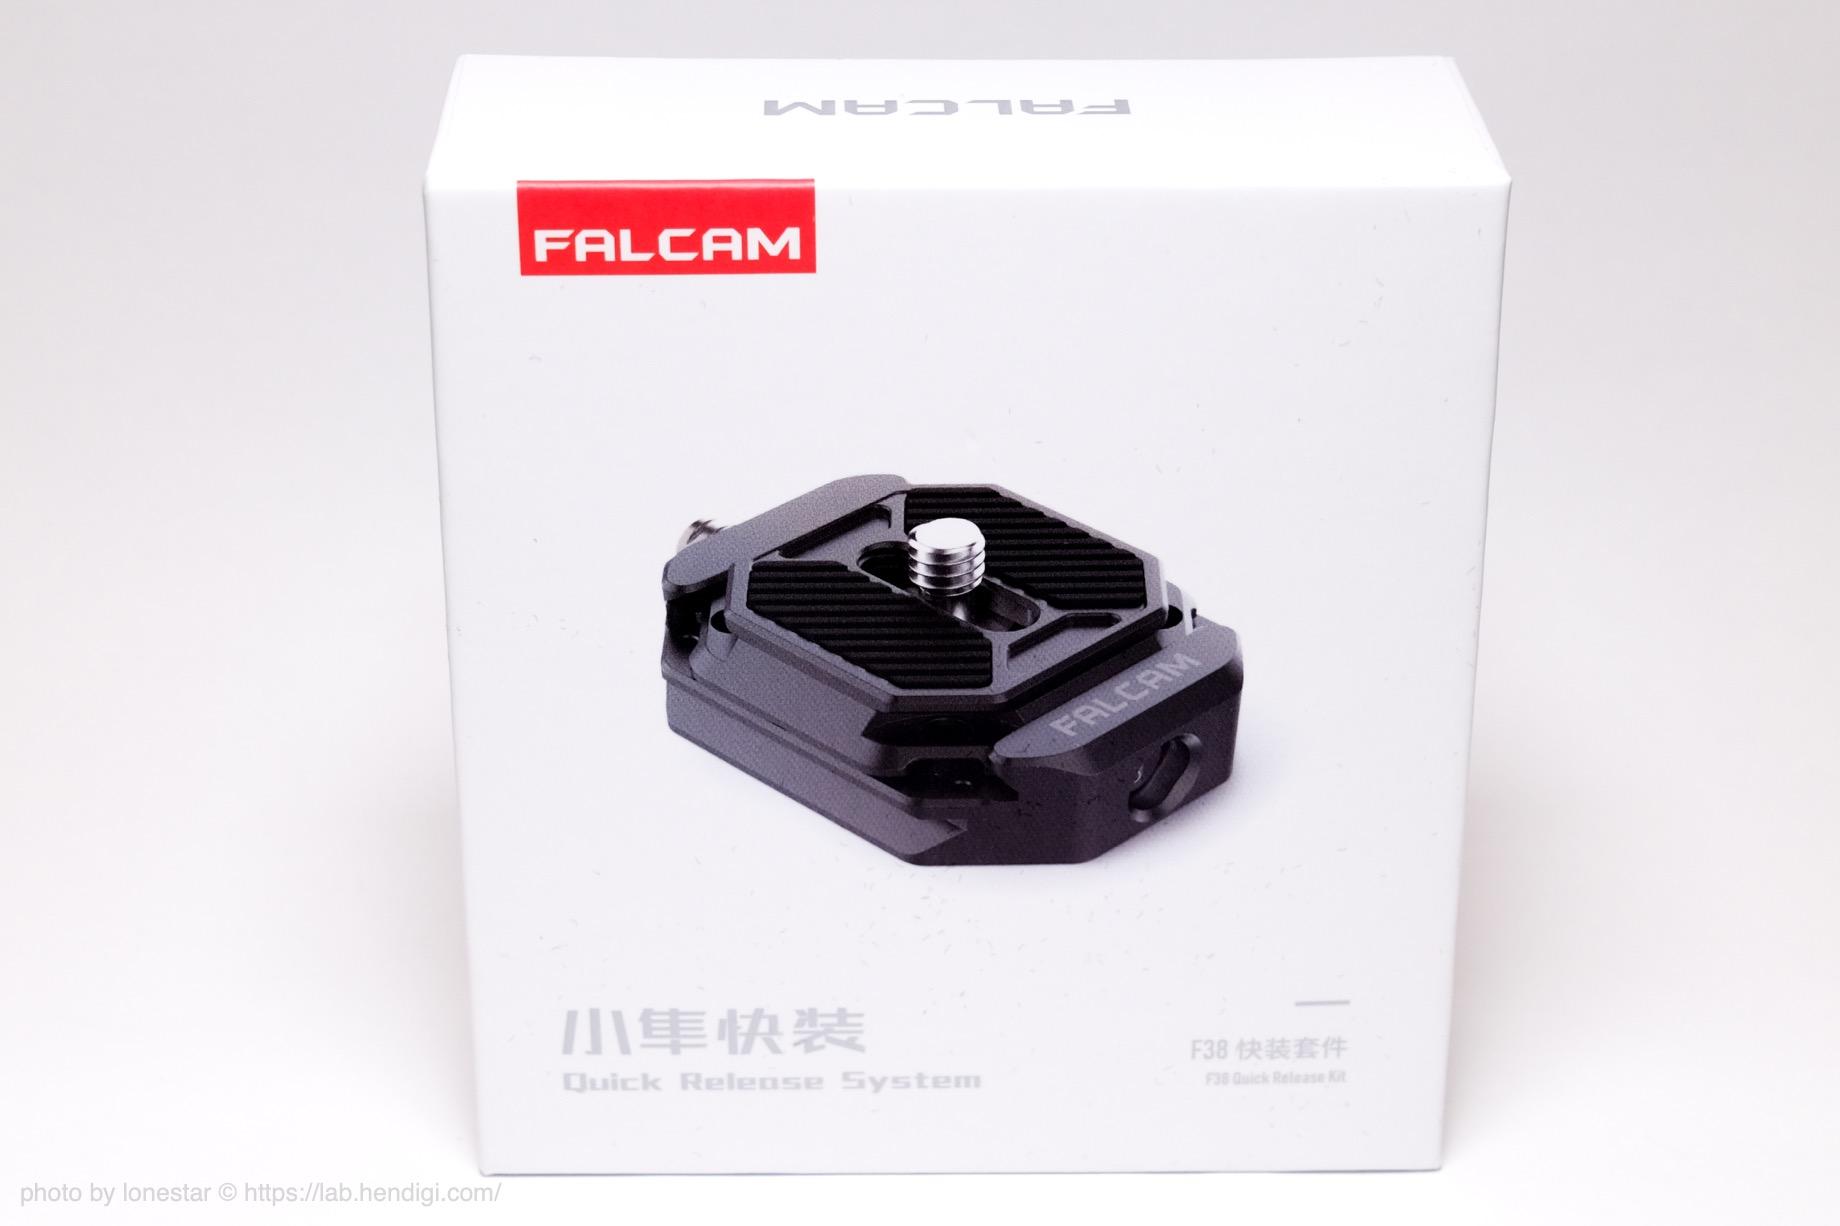 FALCAM F38クイックリリースセット